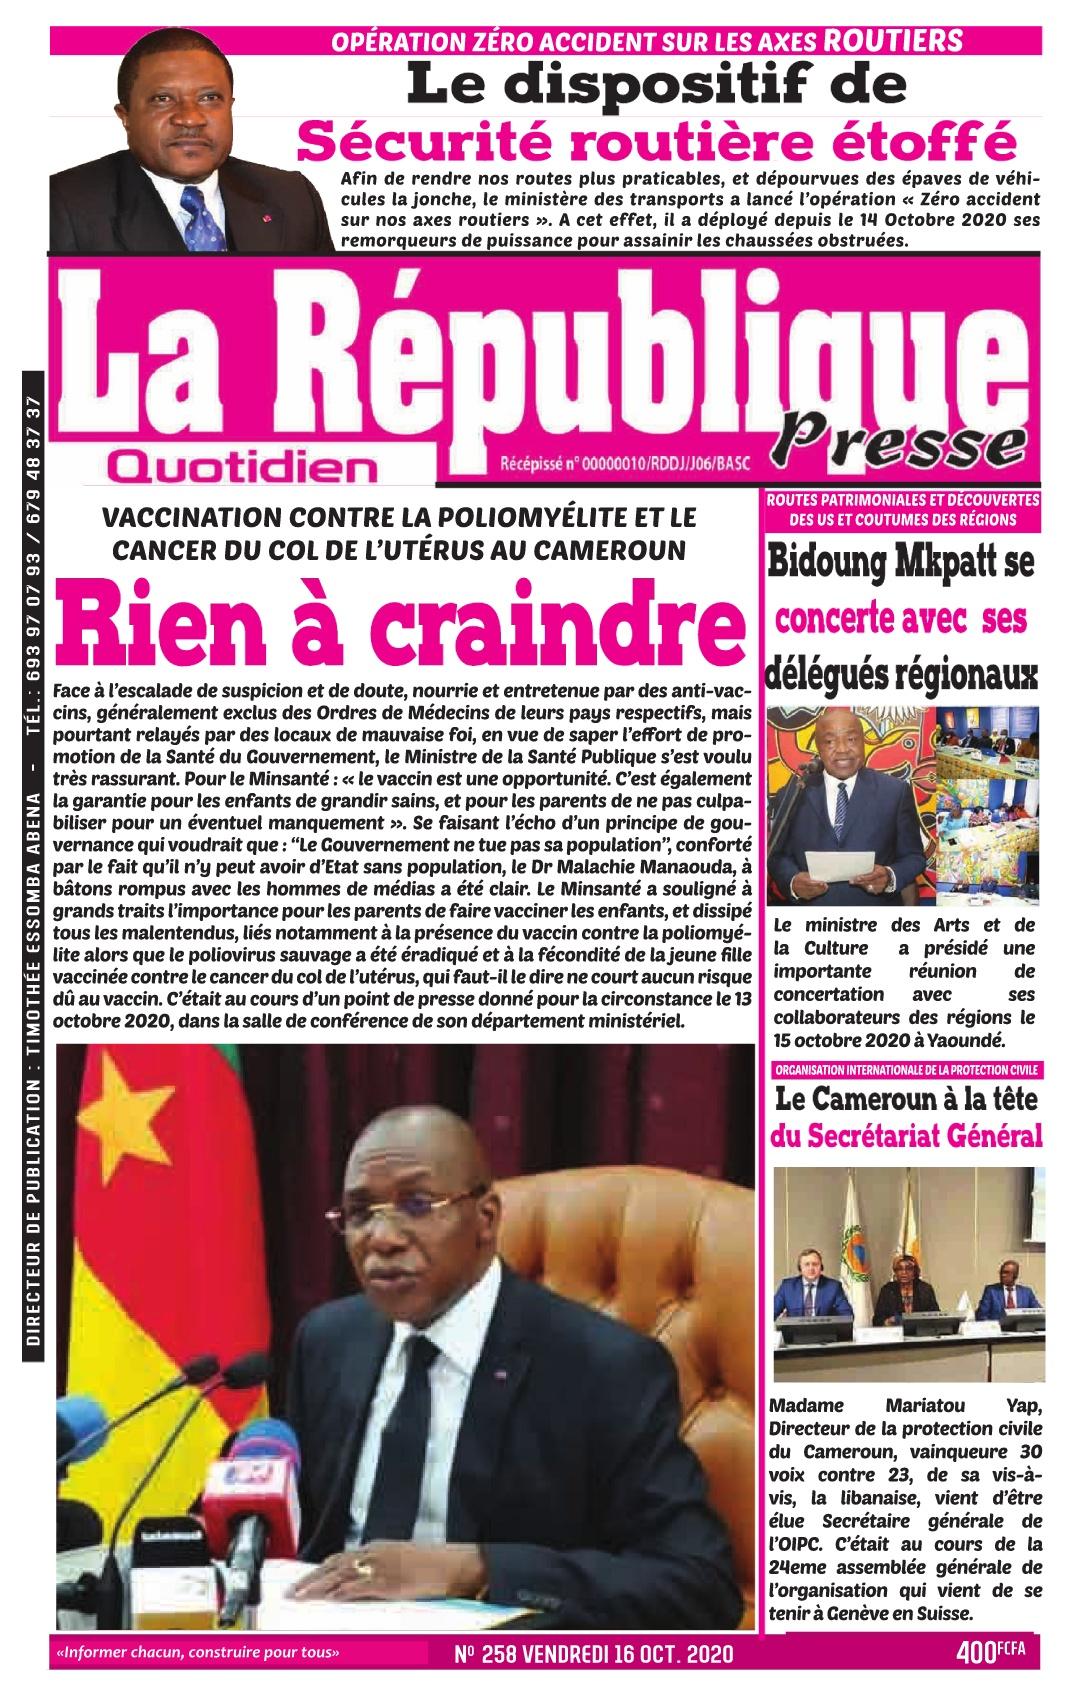 LA REPUBLIQUE PRESSE - 16/10/2020